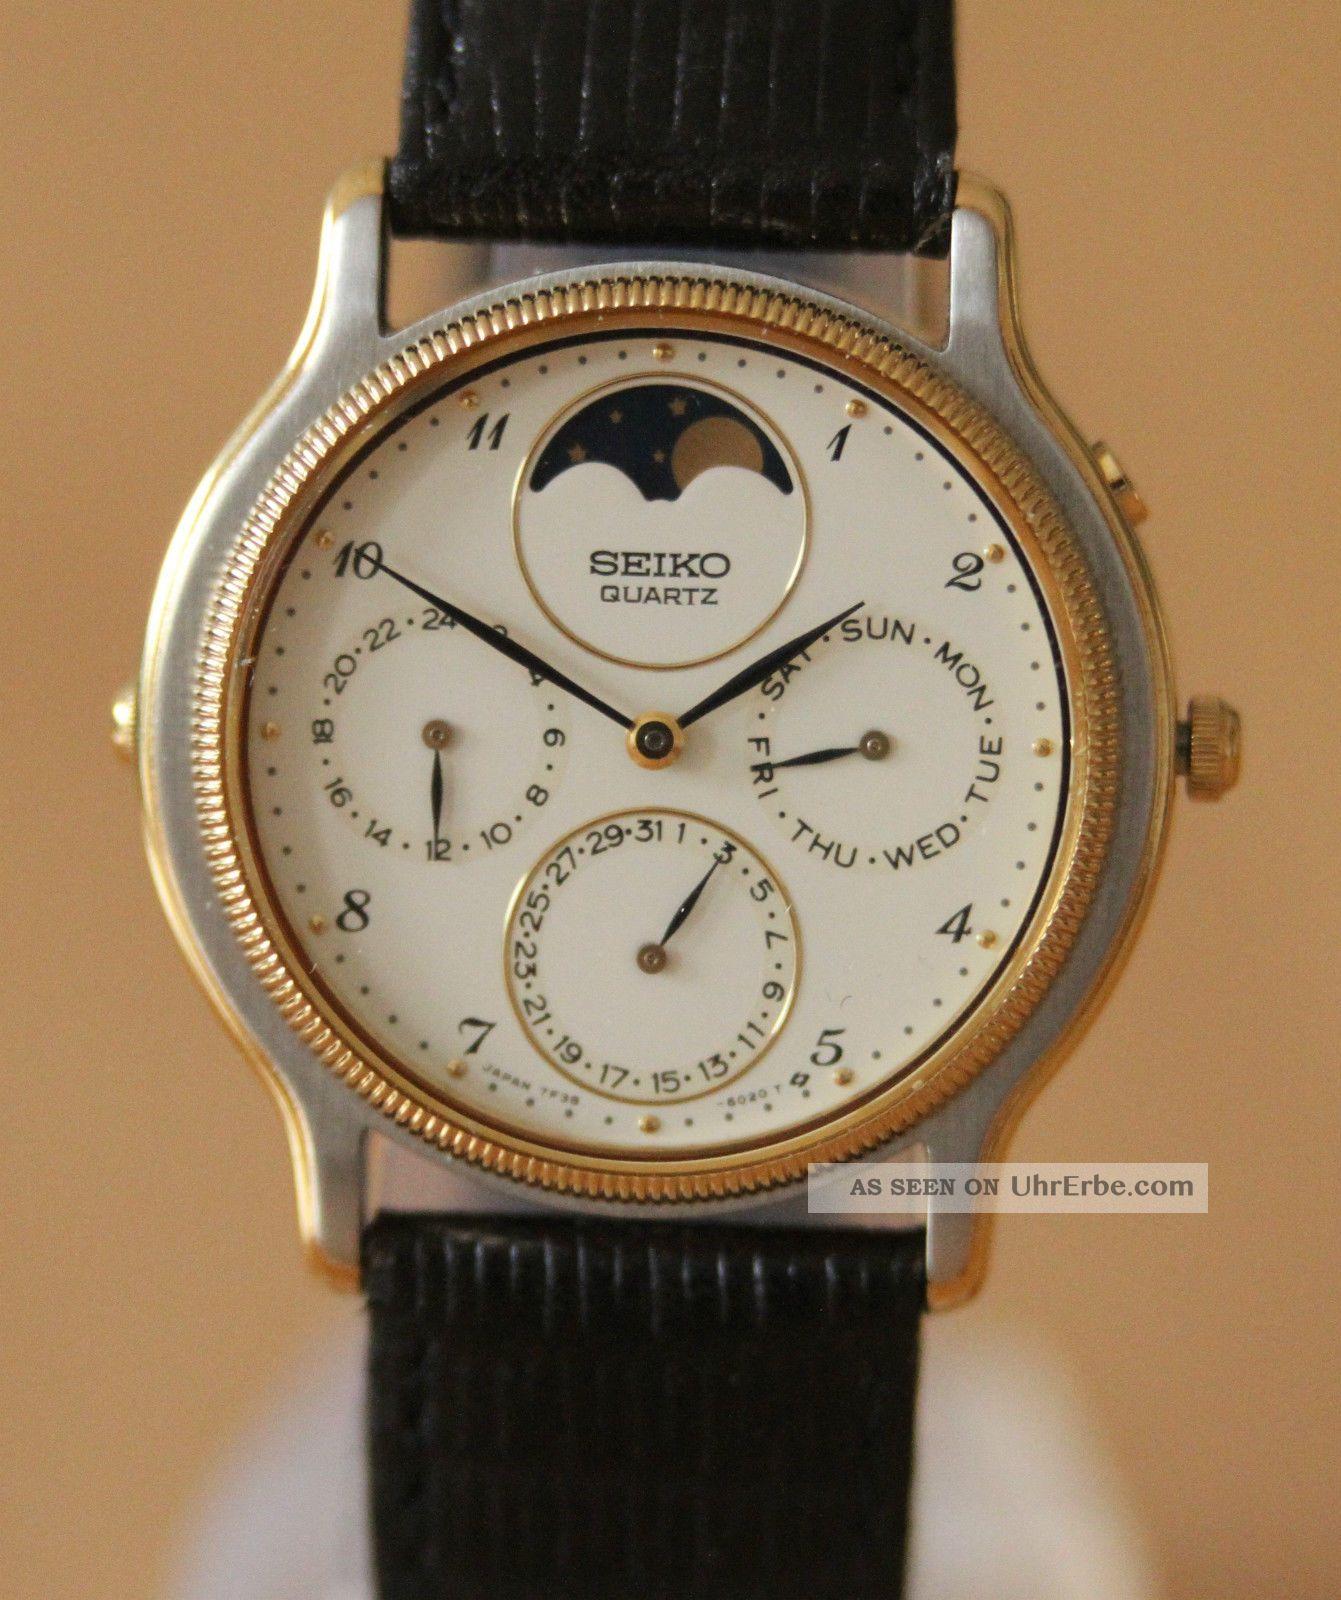 Sehr Schöne Seiko Quarzuhr – Monduhr - Jahreskalender Armbanduhren Bild